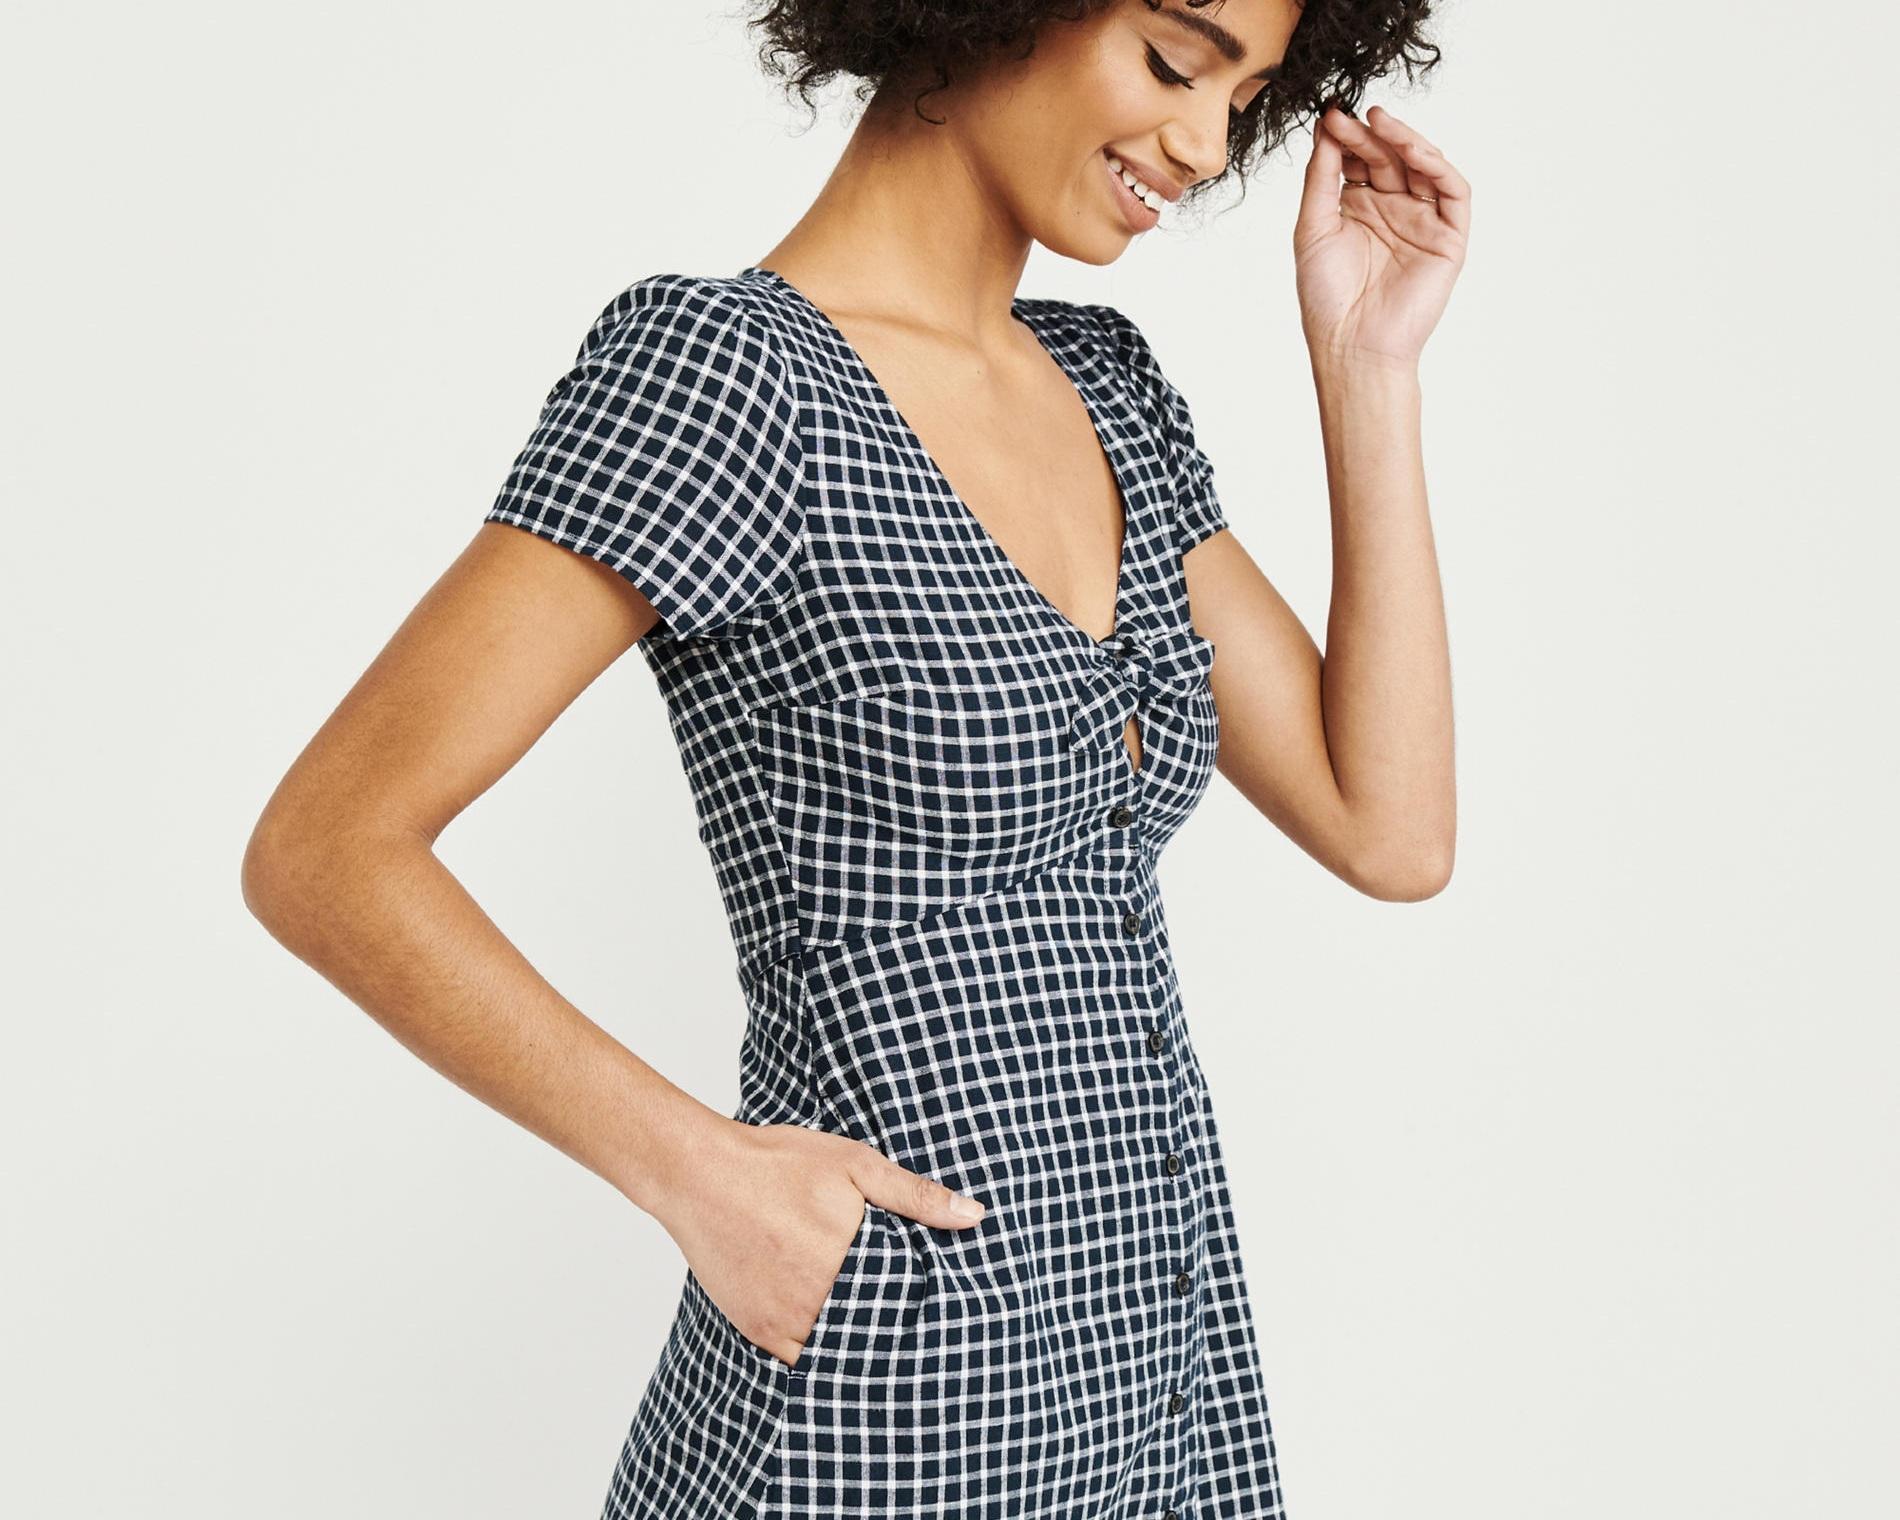 shirt dress - Knot-front shirt dress, $58; Abercrombie